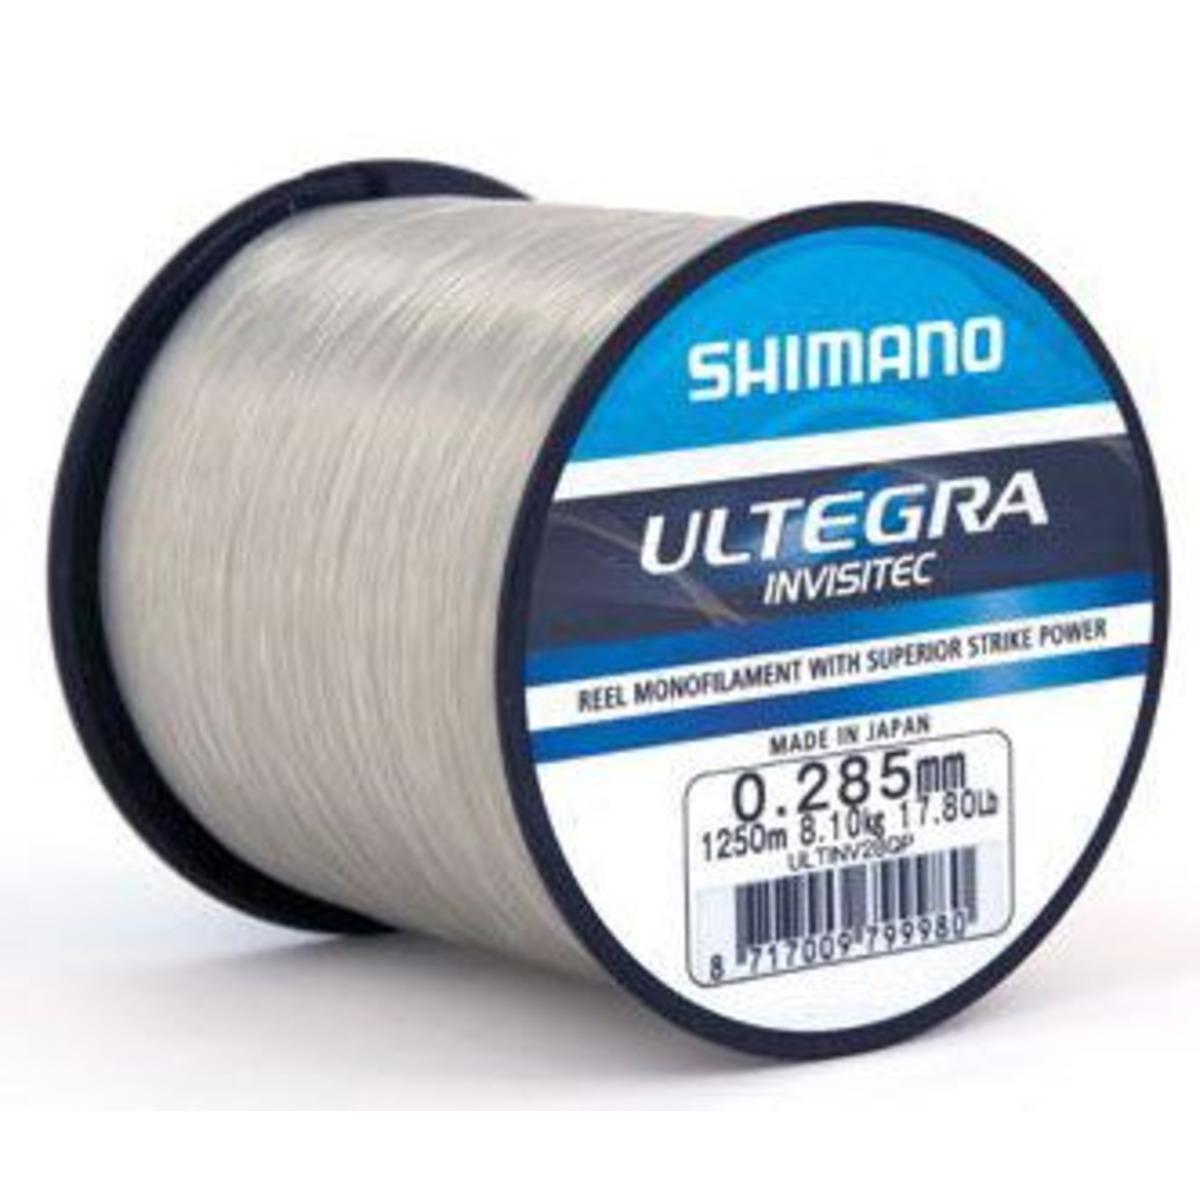 Shimano Ultegra Invisitec QP - 0.305 mm - 1100 m